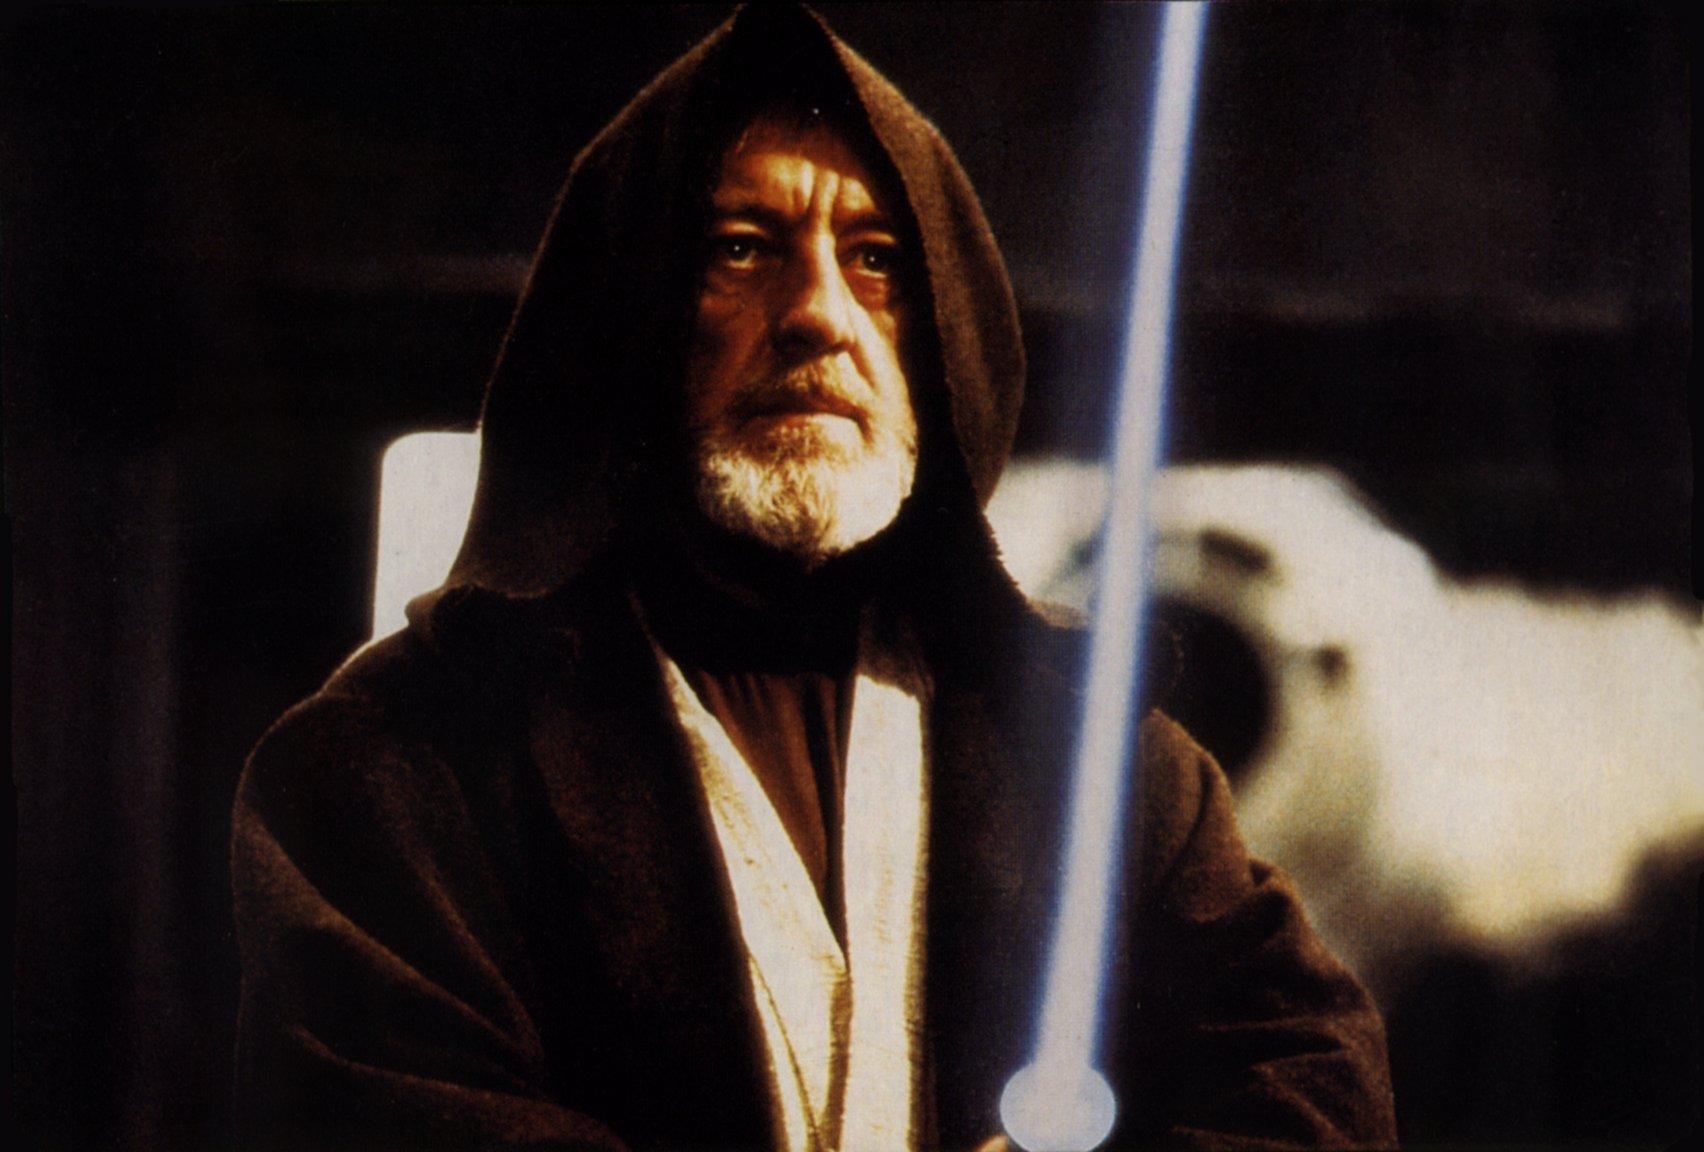 El Reino Unido no quiere que la Orden del Jedi sea una religión